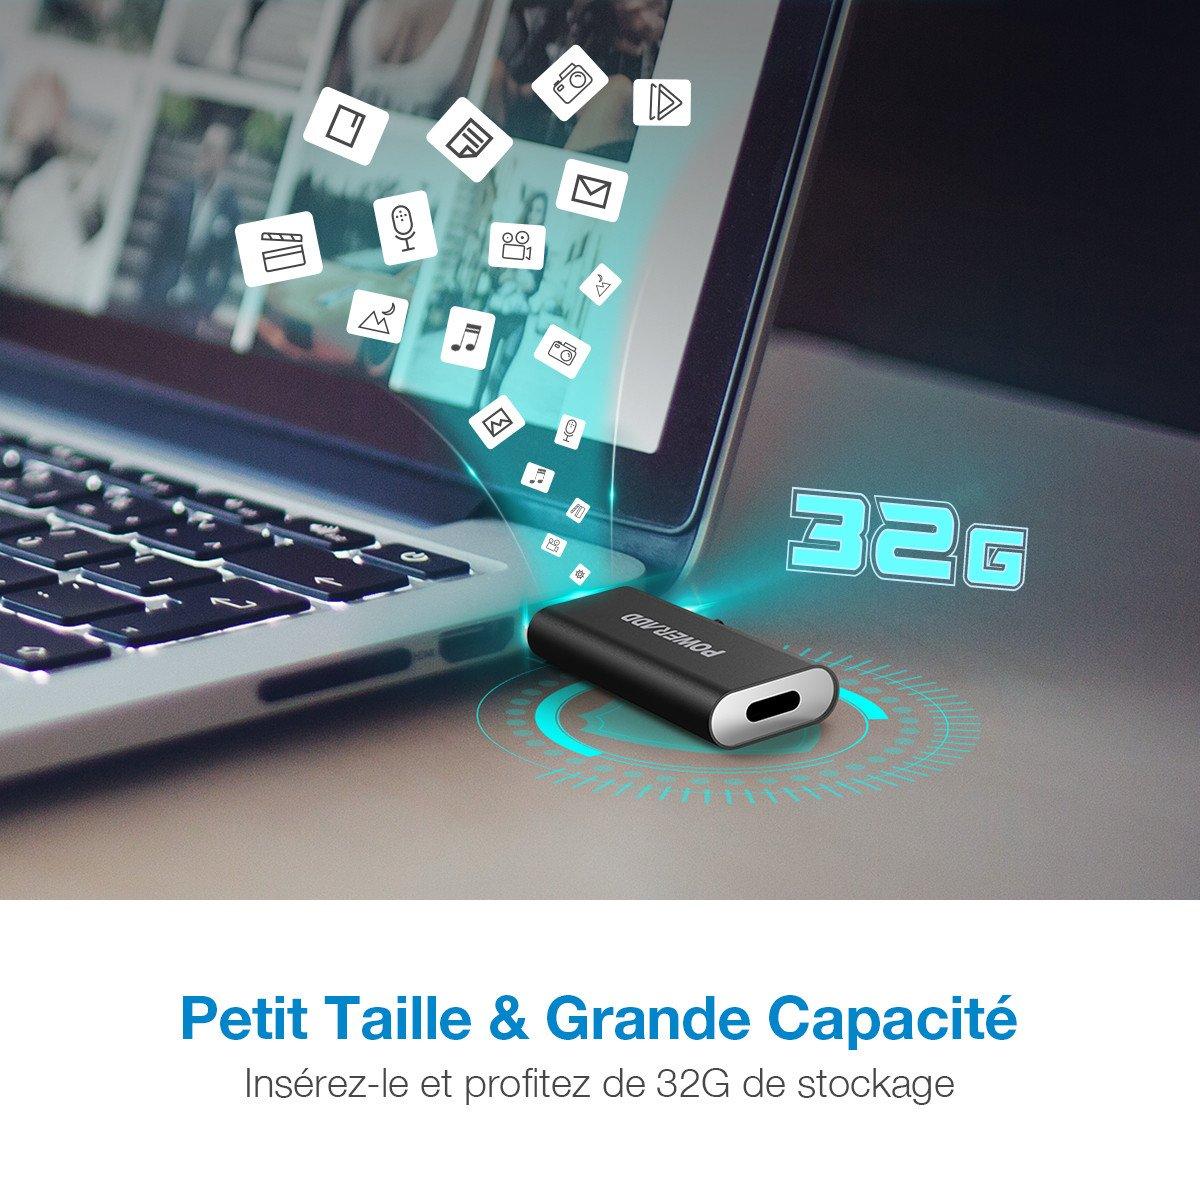 POWERADD Flash Drive Clé USB Fonction 3 en 1 (Type-C, Micro USB et USB 2.0) Compatible avec Ordinateur, Type-C/Micro USB Téléphone Portable, MacBook-Noir, 32Go